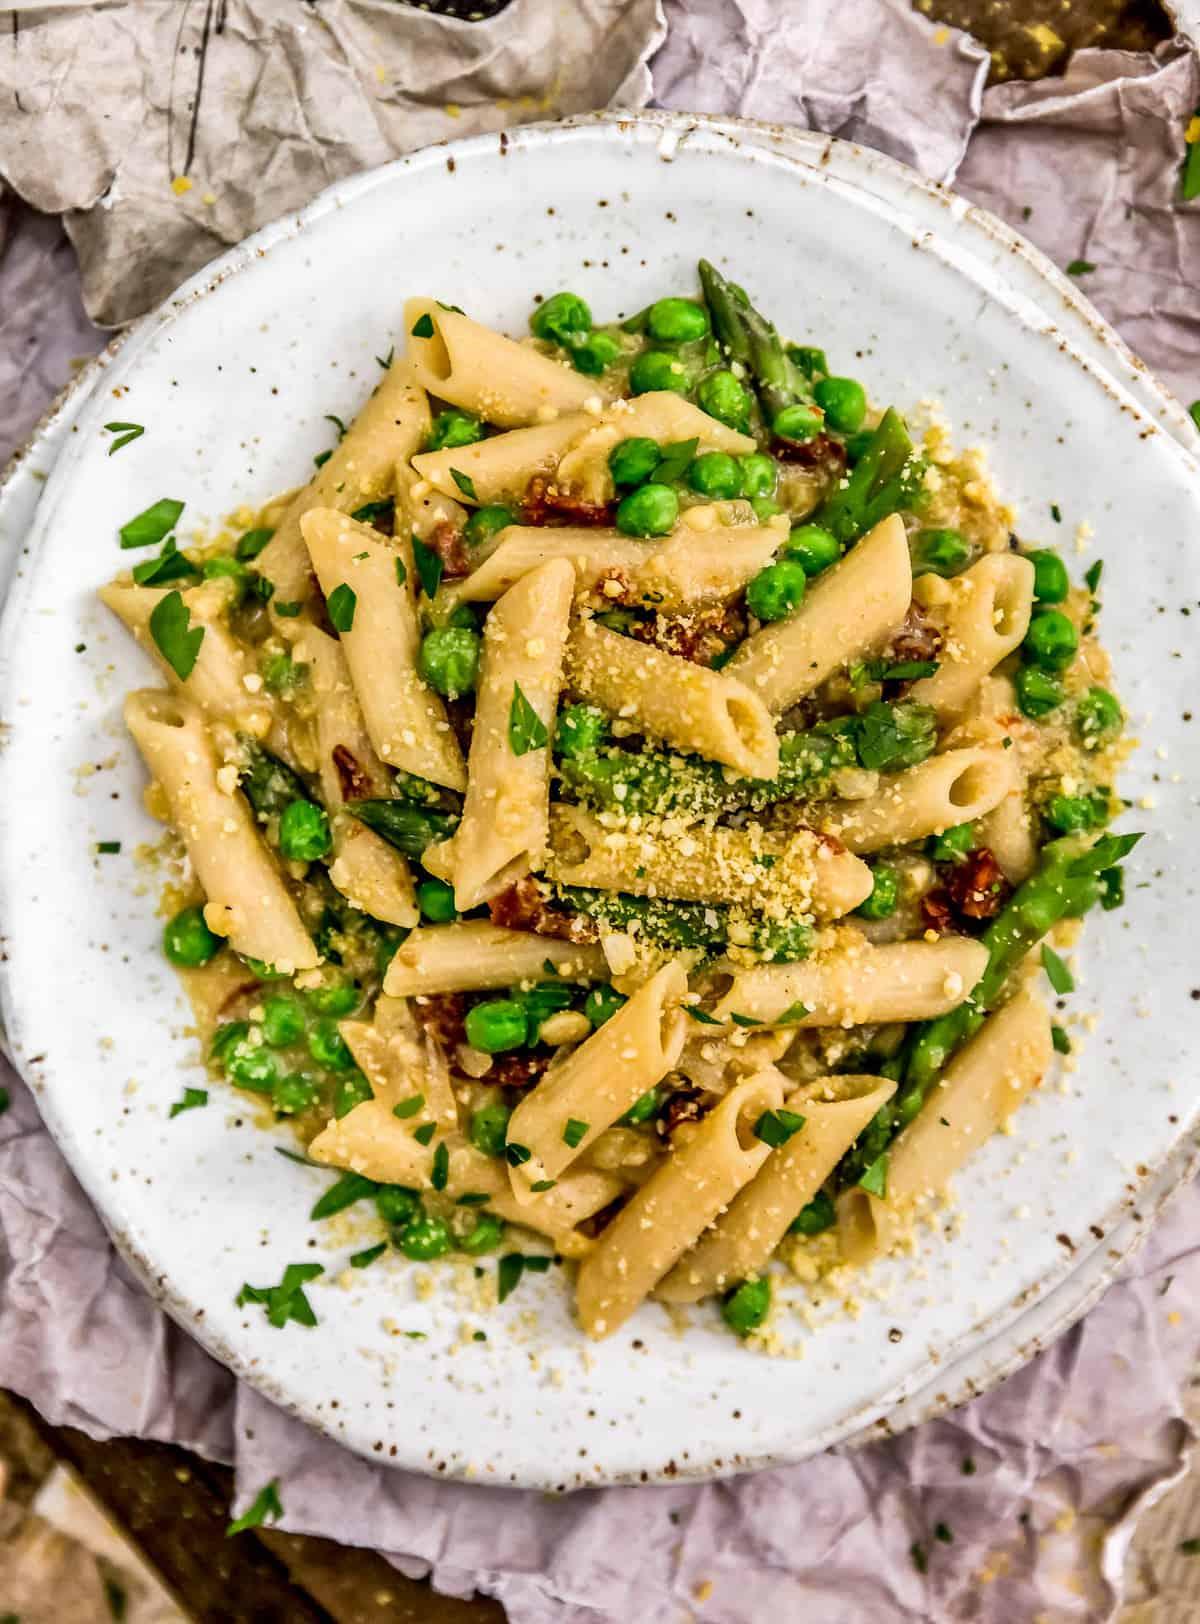 Plate of Vegan Carbonara Pasta